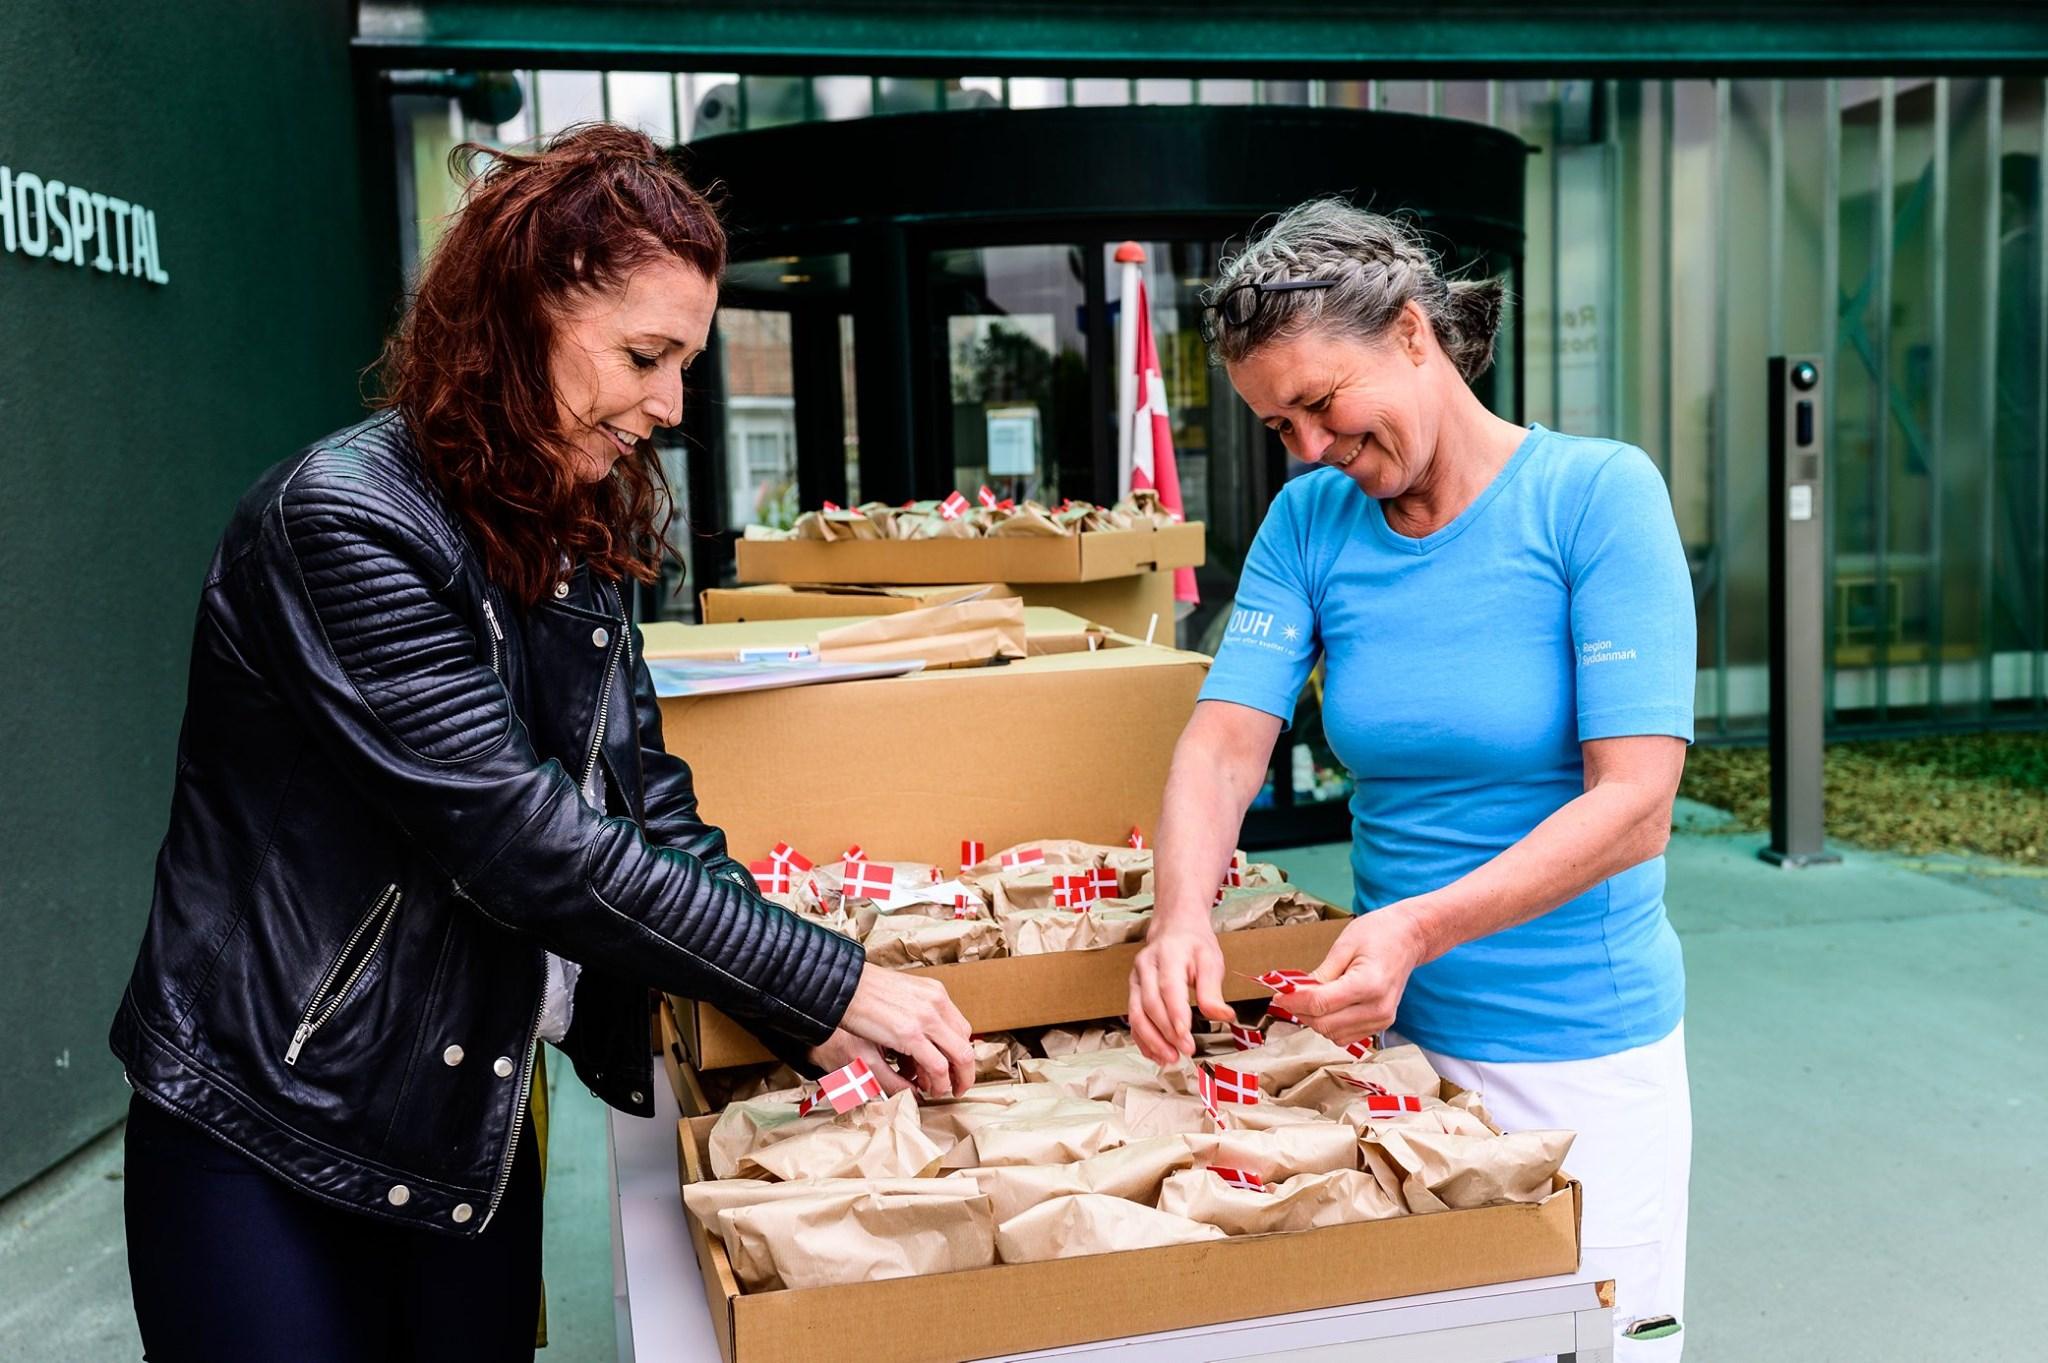 Donationer til aktiviteter under coronakrisen